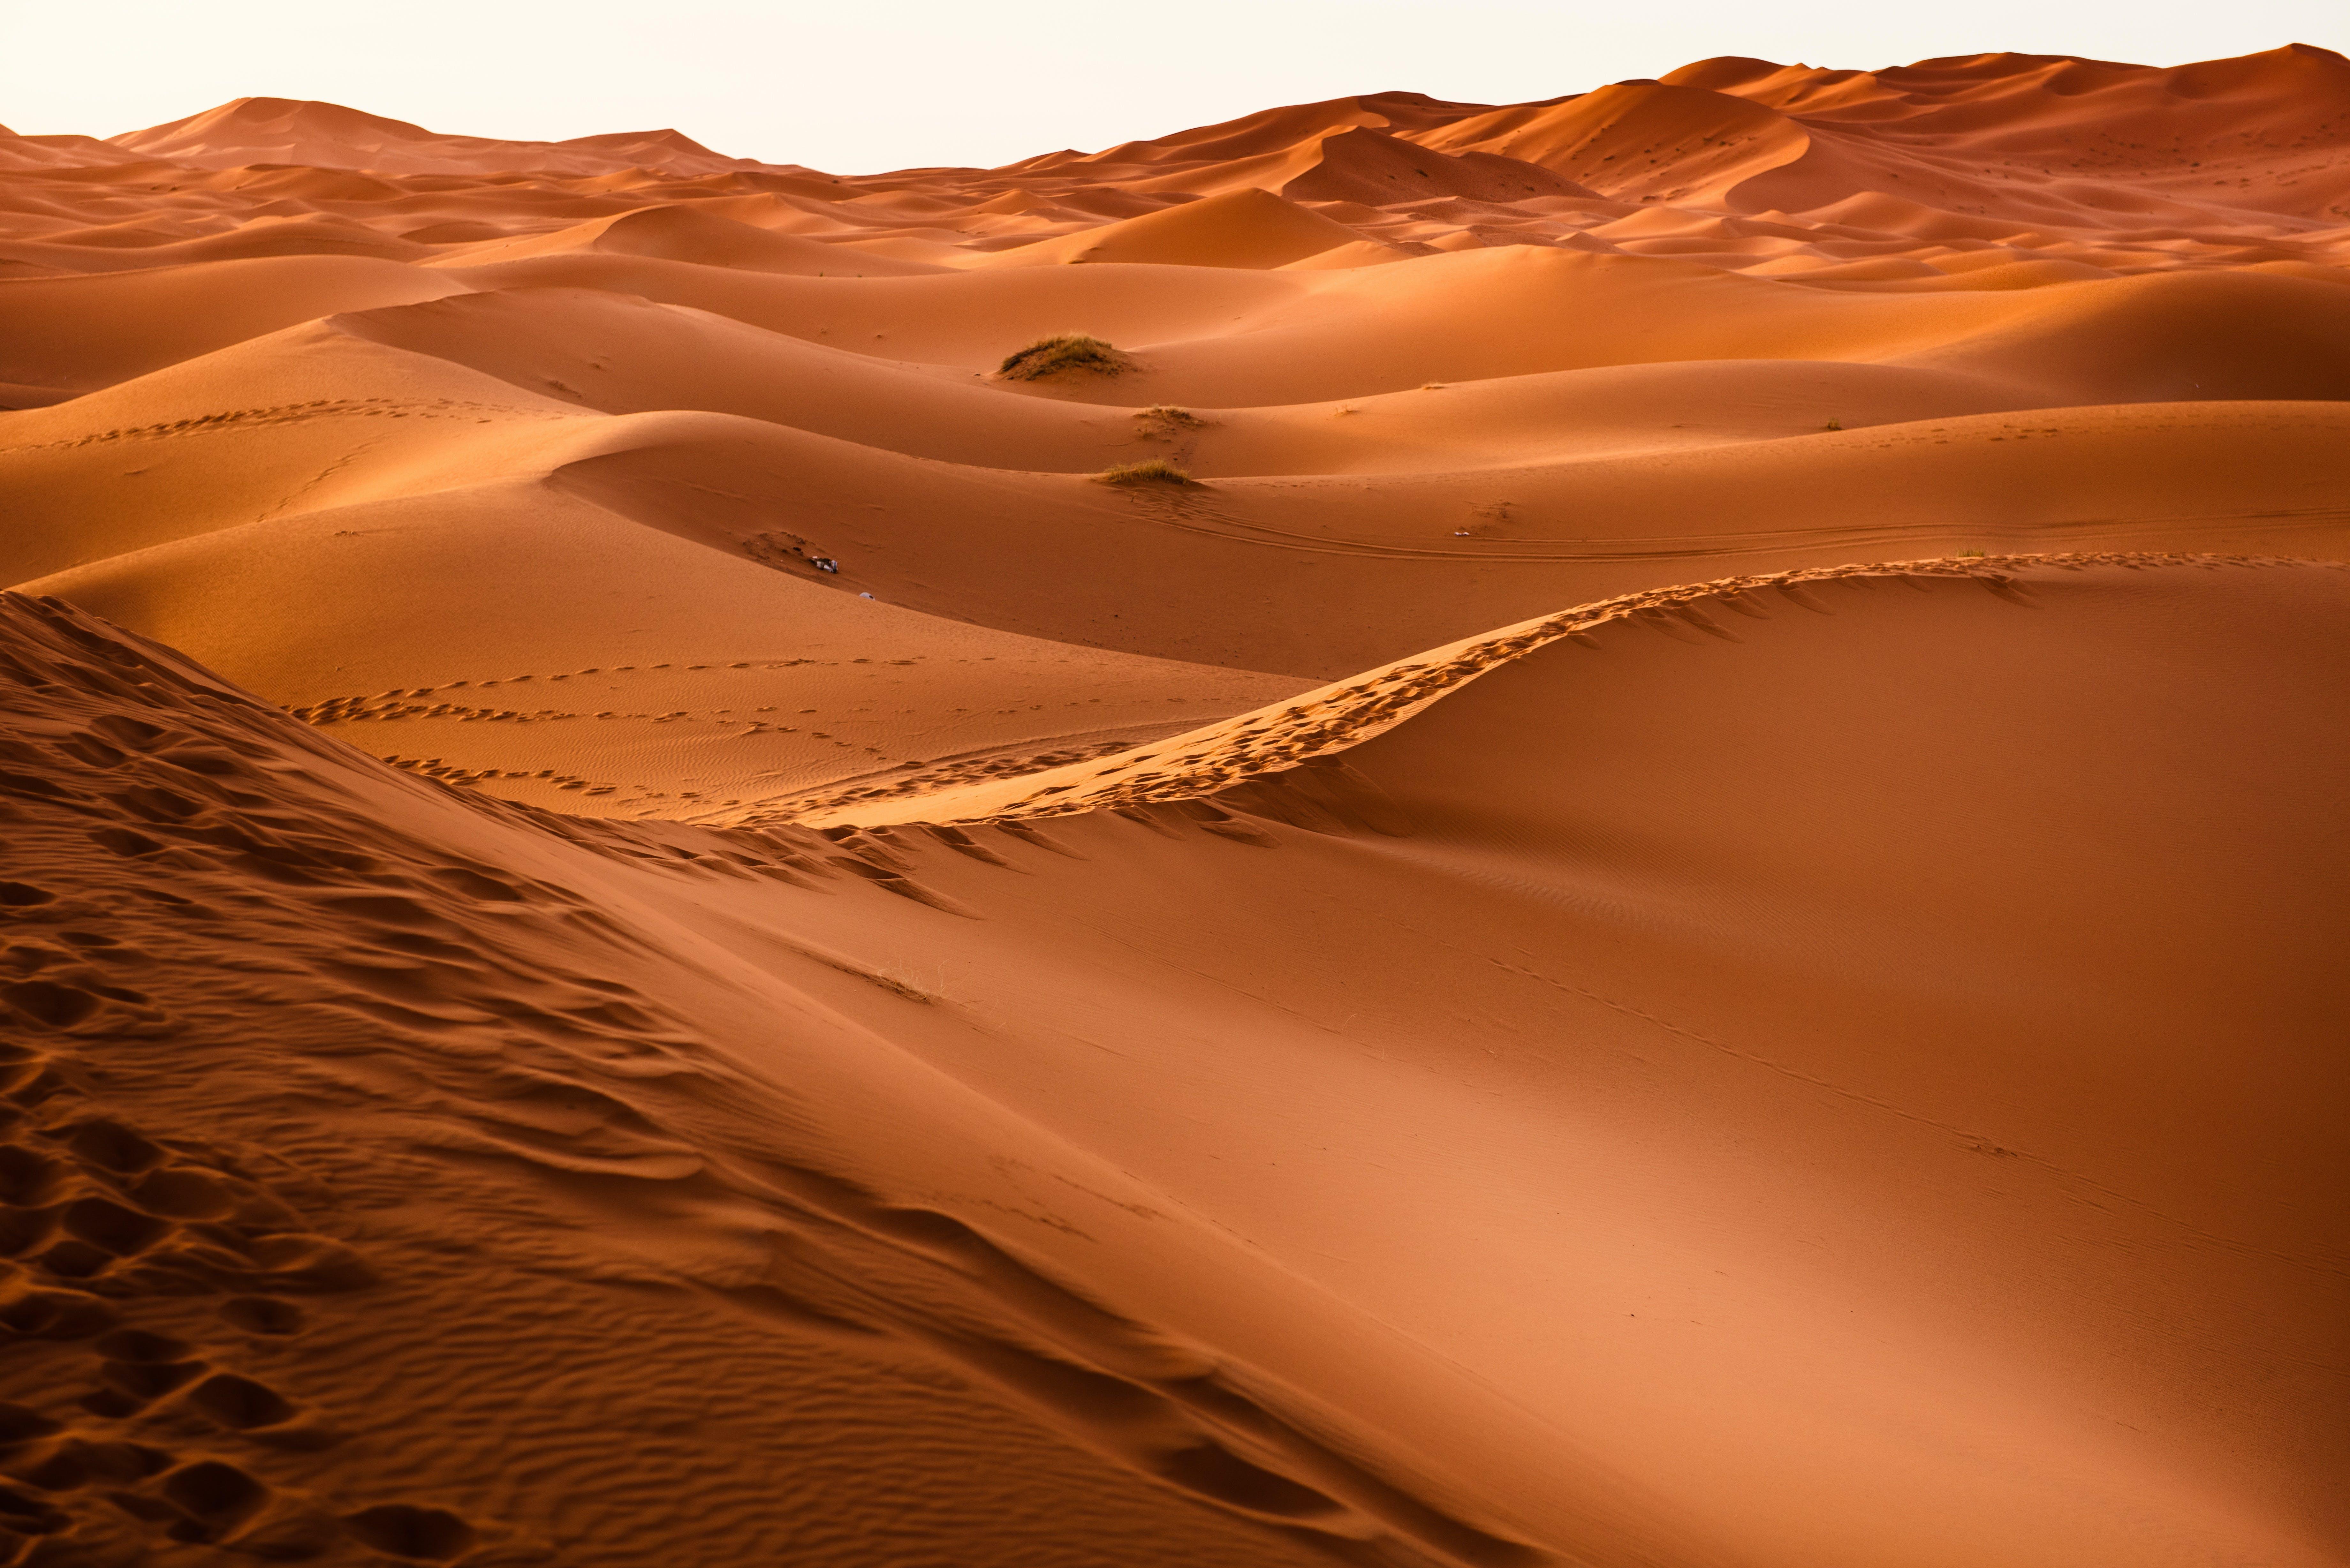 altın, çekici, çöl, Fas içeren Ücretsiz stok fotoğraf